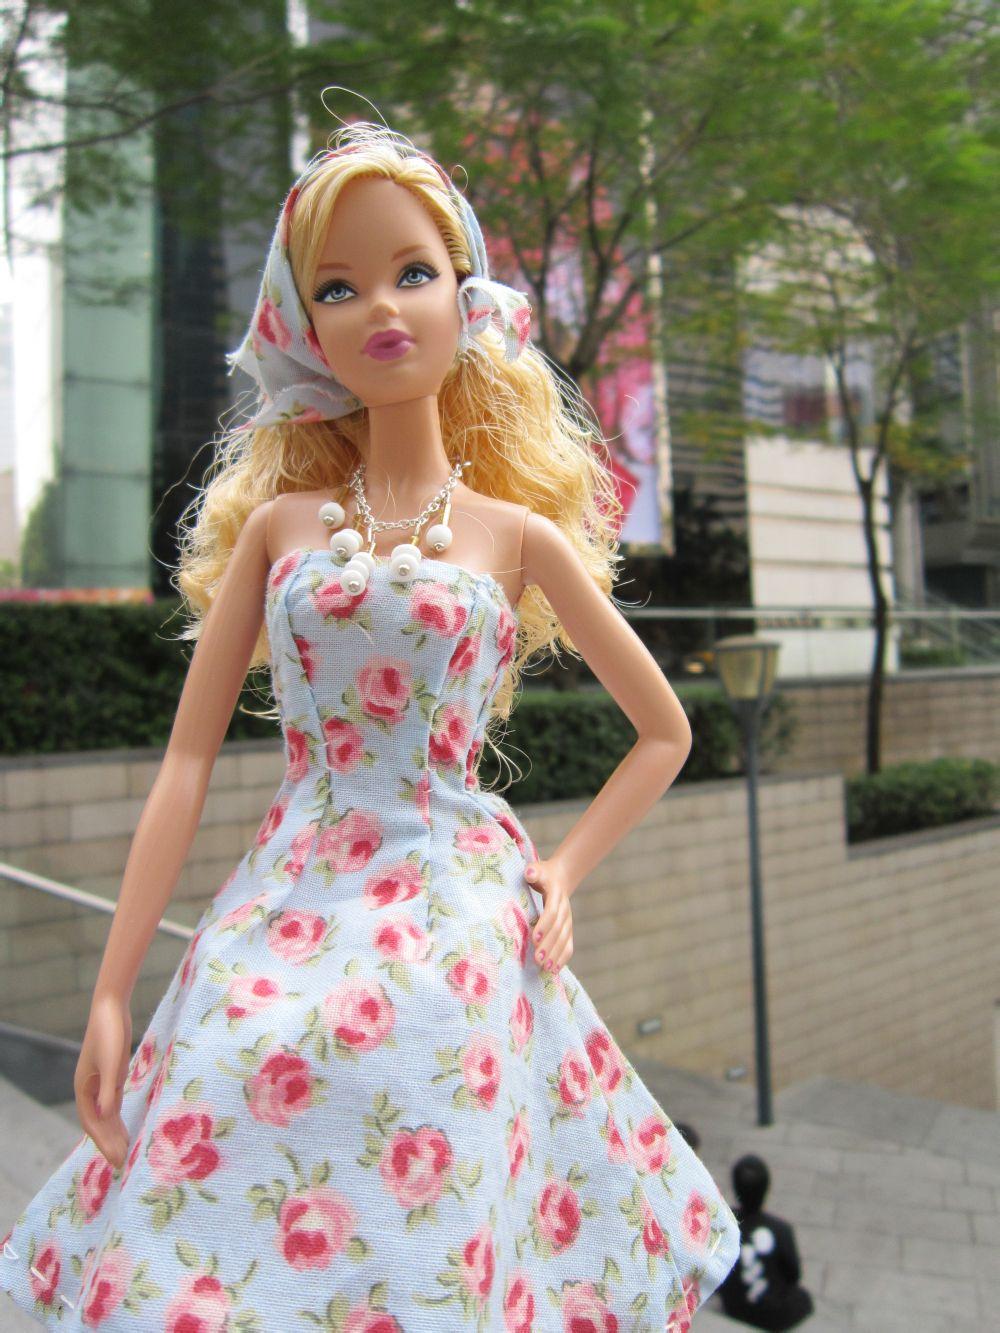 芭比娃娃衣服怎么做_要制作芭比娃娃时尚衣服的图片,衣服的布料如图:_百度知道